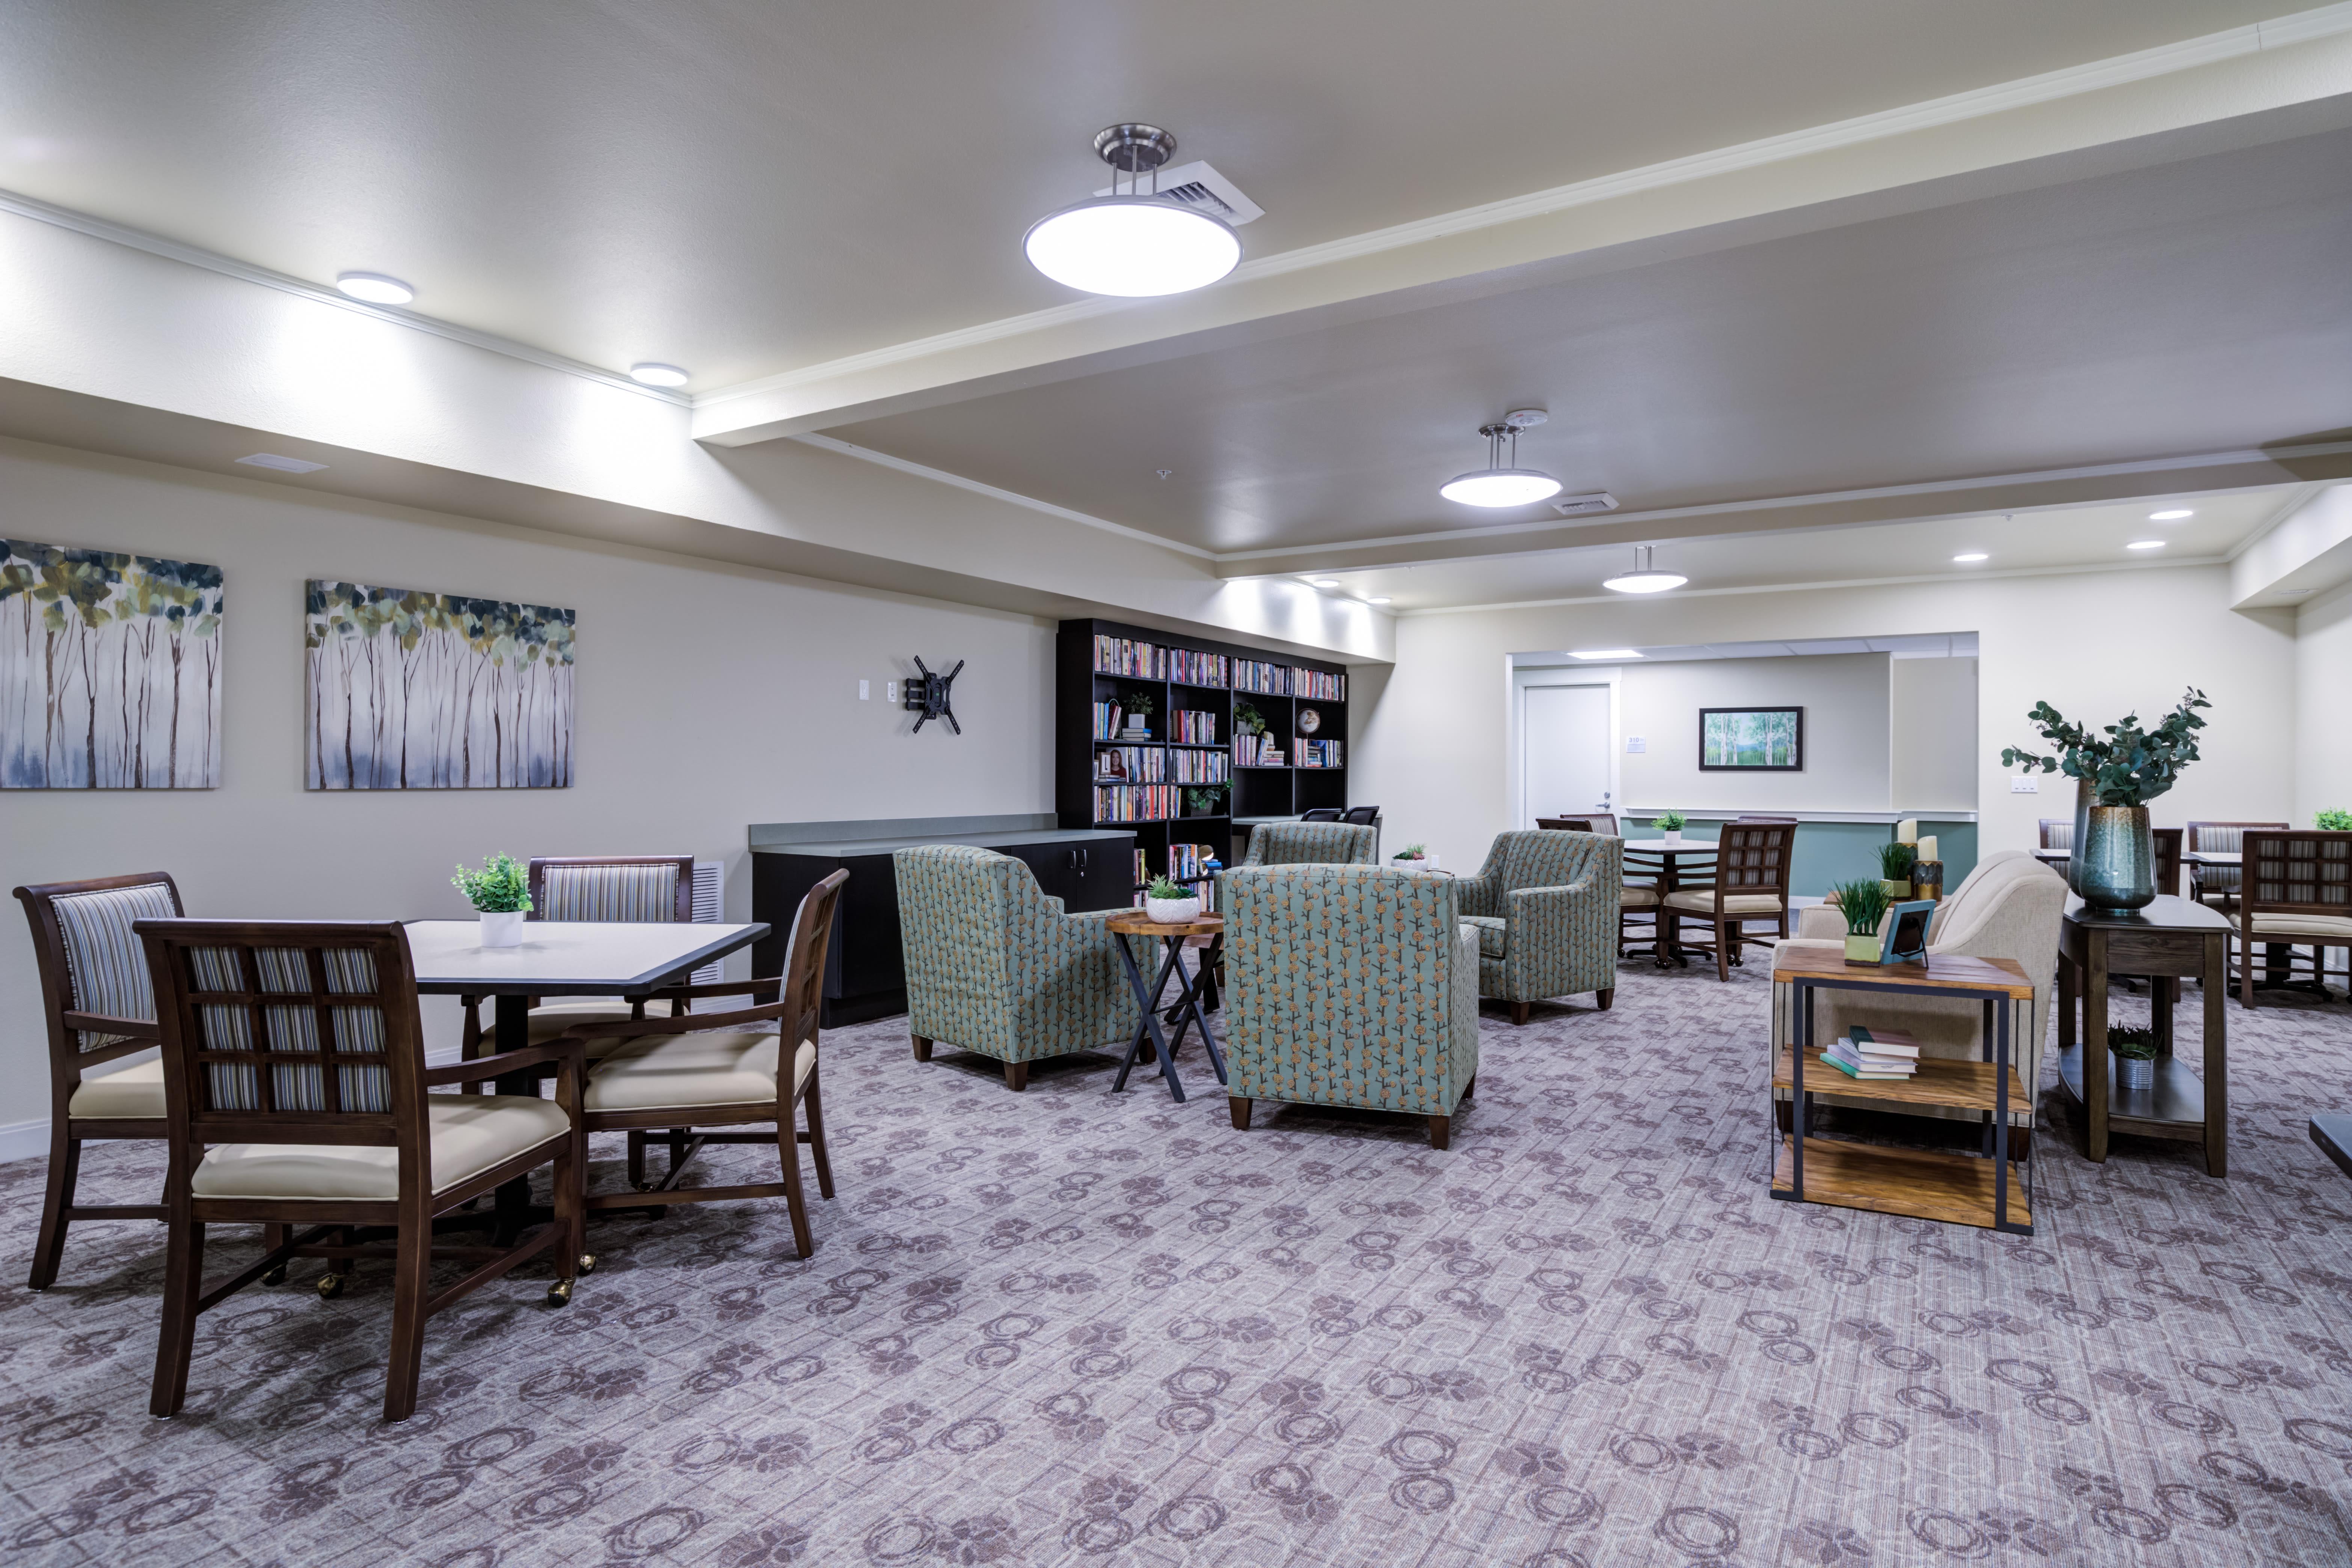 Mirror Lake Village Senior Living Community Lounge in Federal Way, WA